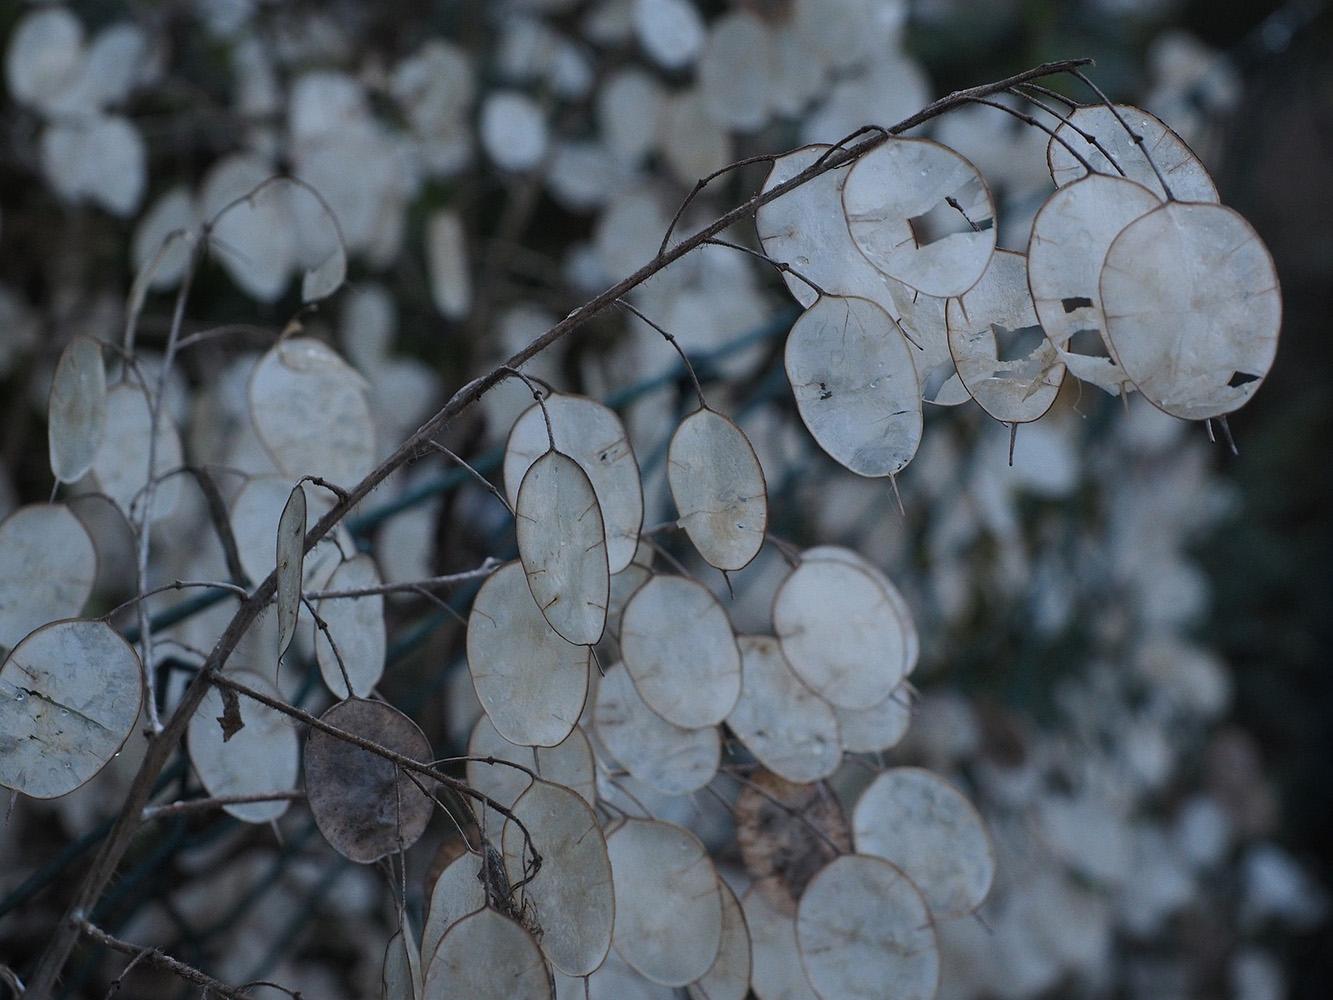 miesiącznica roślina